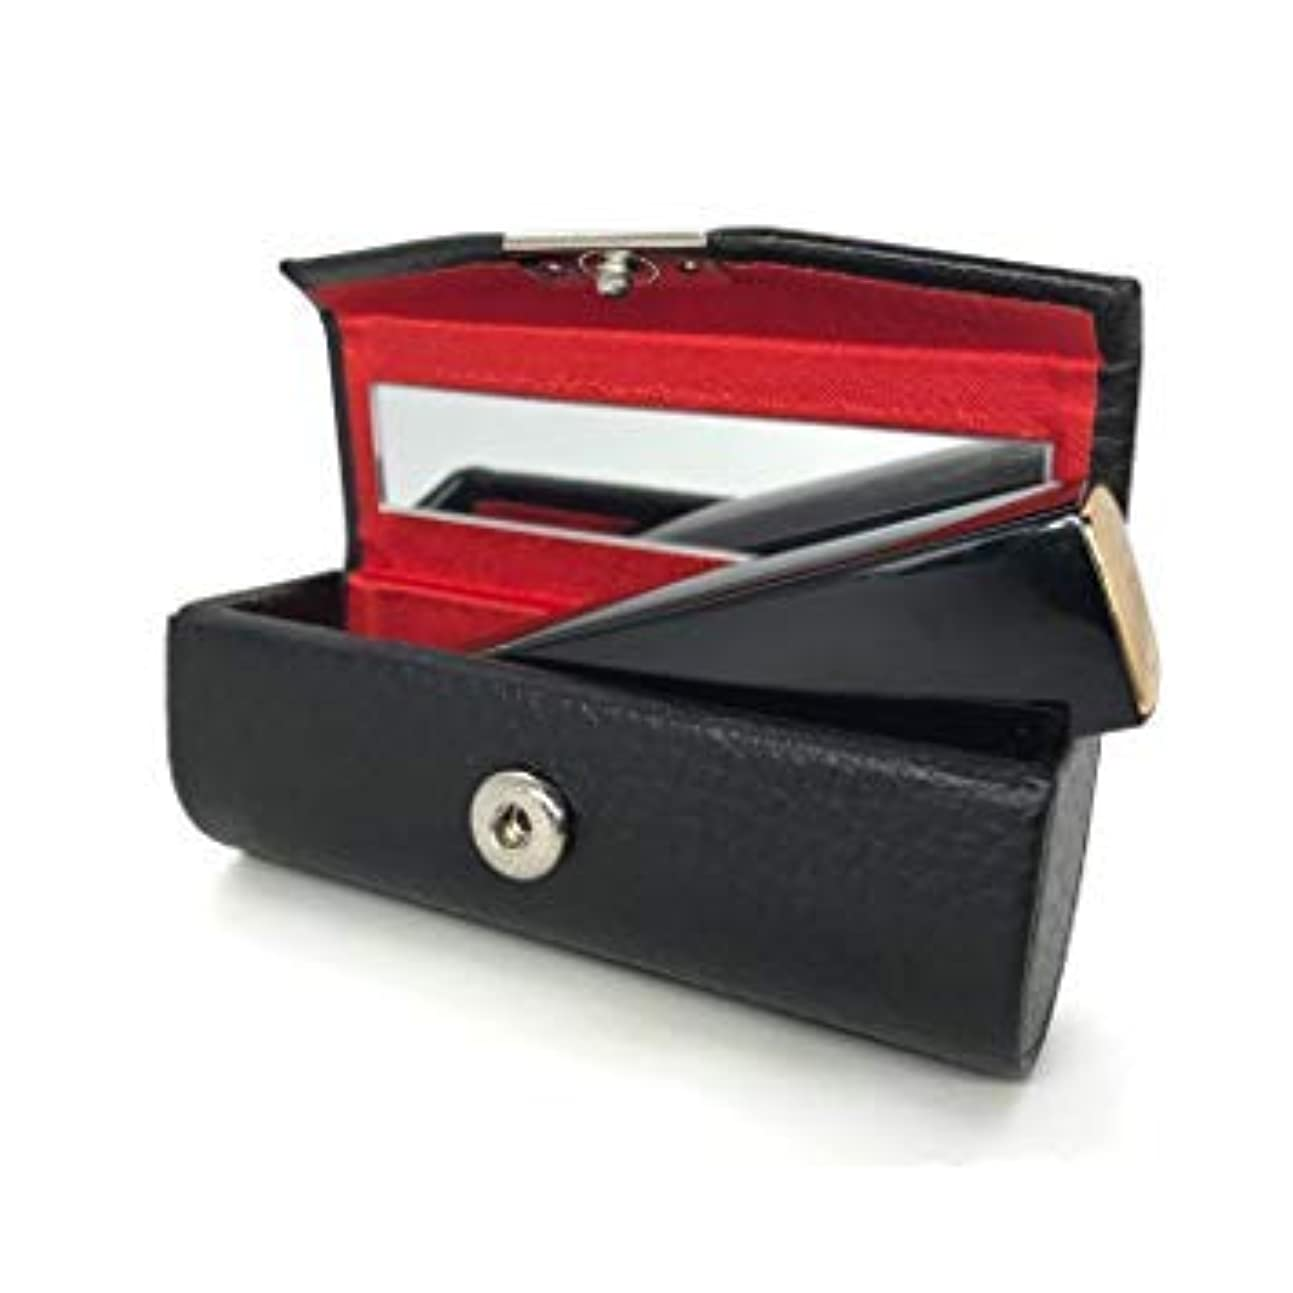 バラエティ並外れて週間口紅ホルダー 収納ボックス リップスティックケース レザー ミラー付き